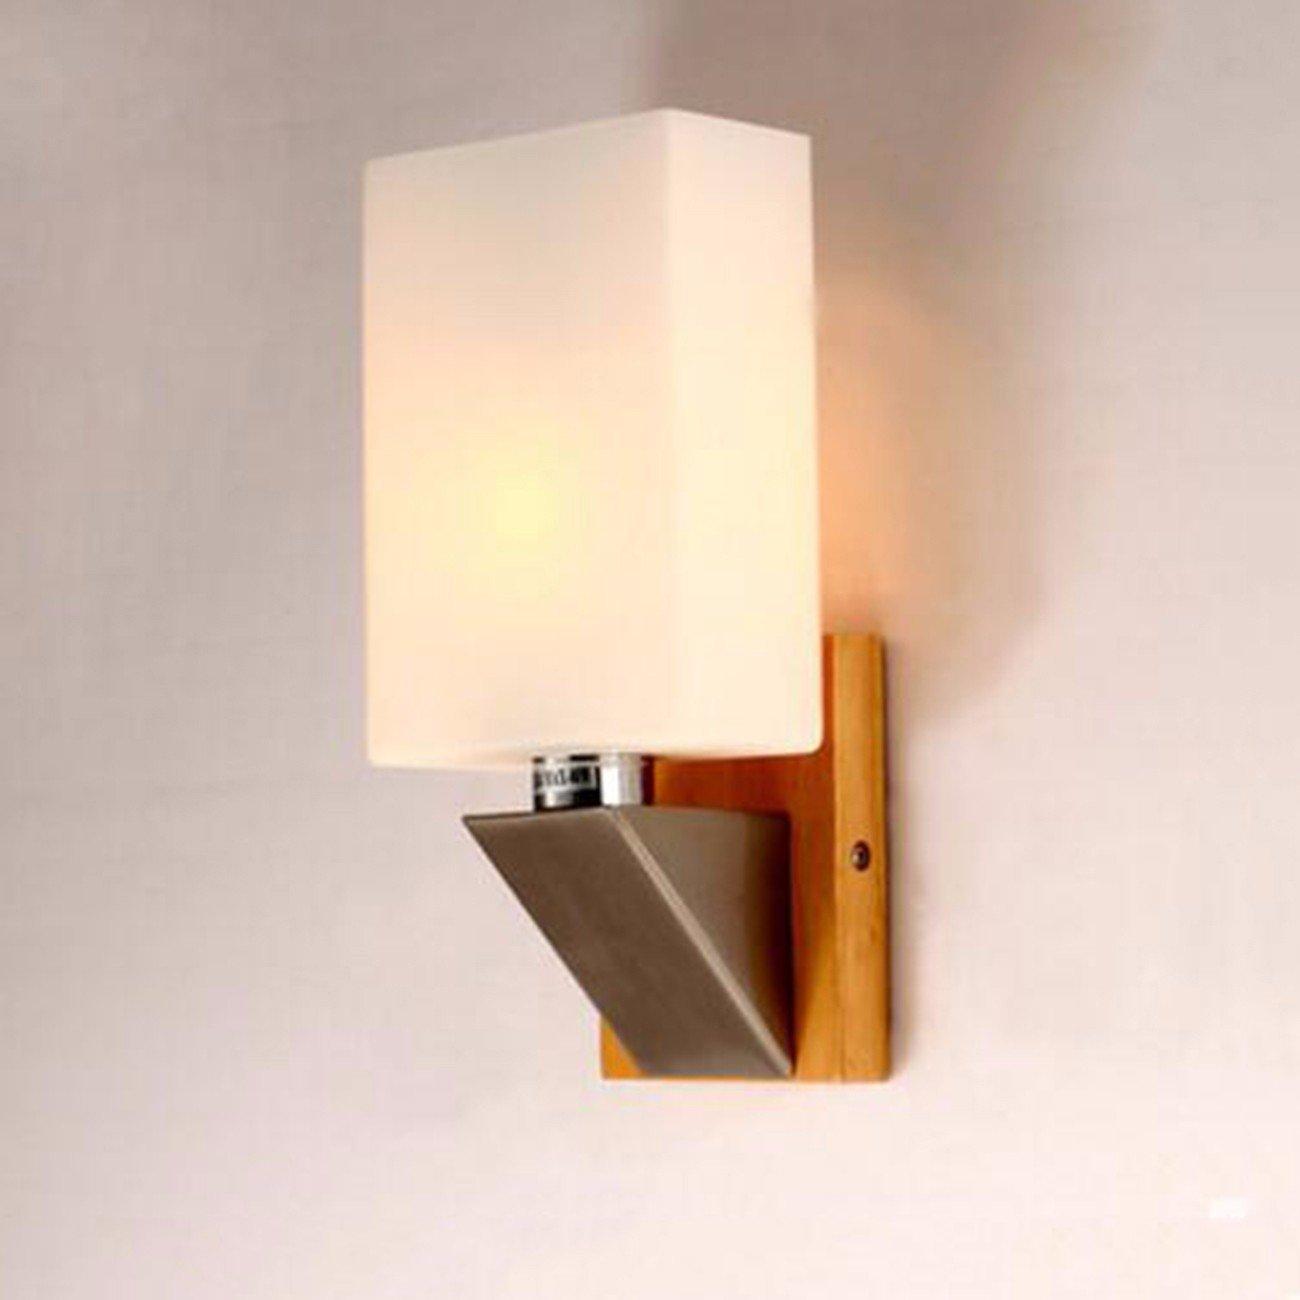 T-ZBDZ Log Schlafzimmer Nachttischlampe Wandlampe Stil original Holzwand Lampe